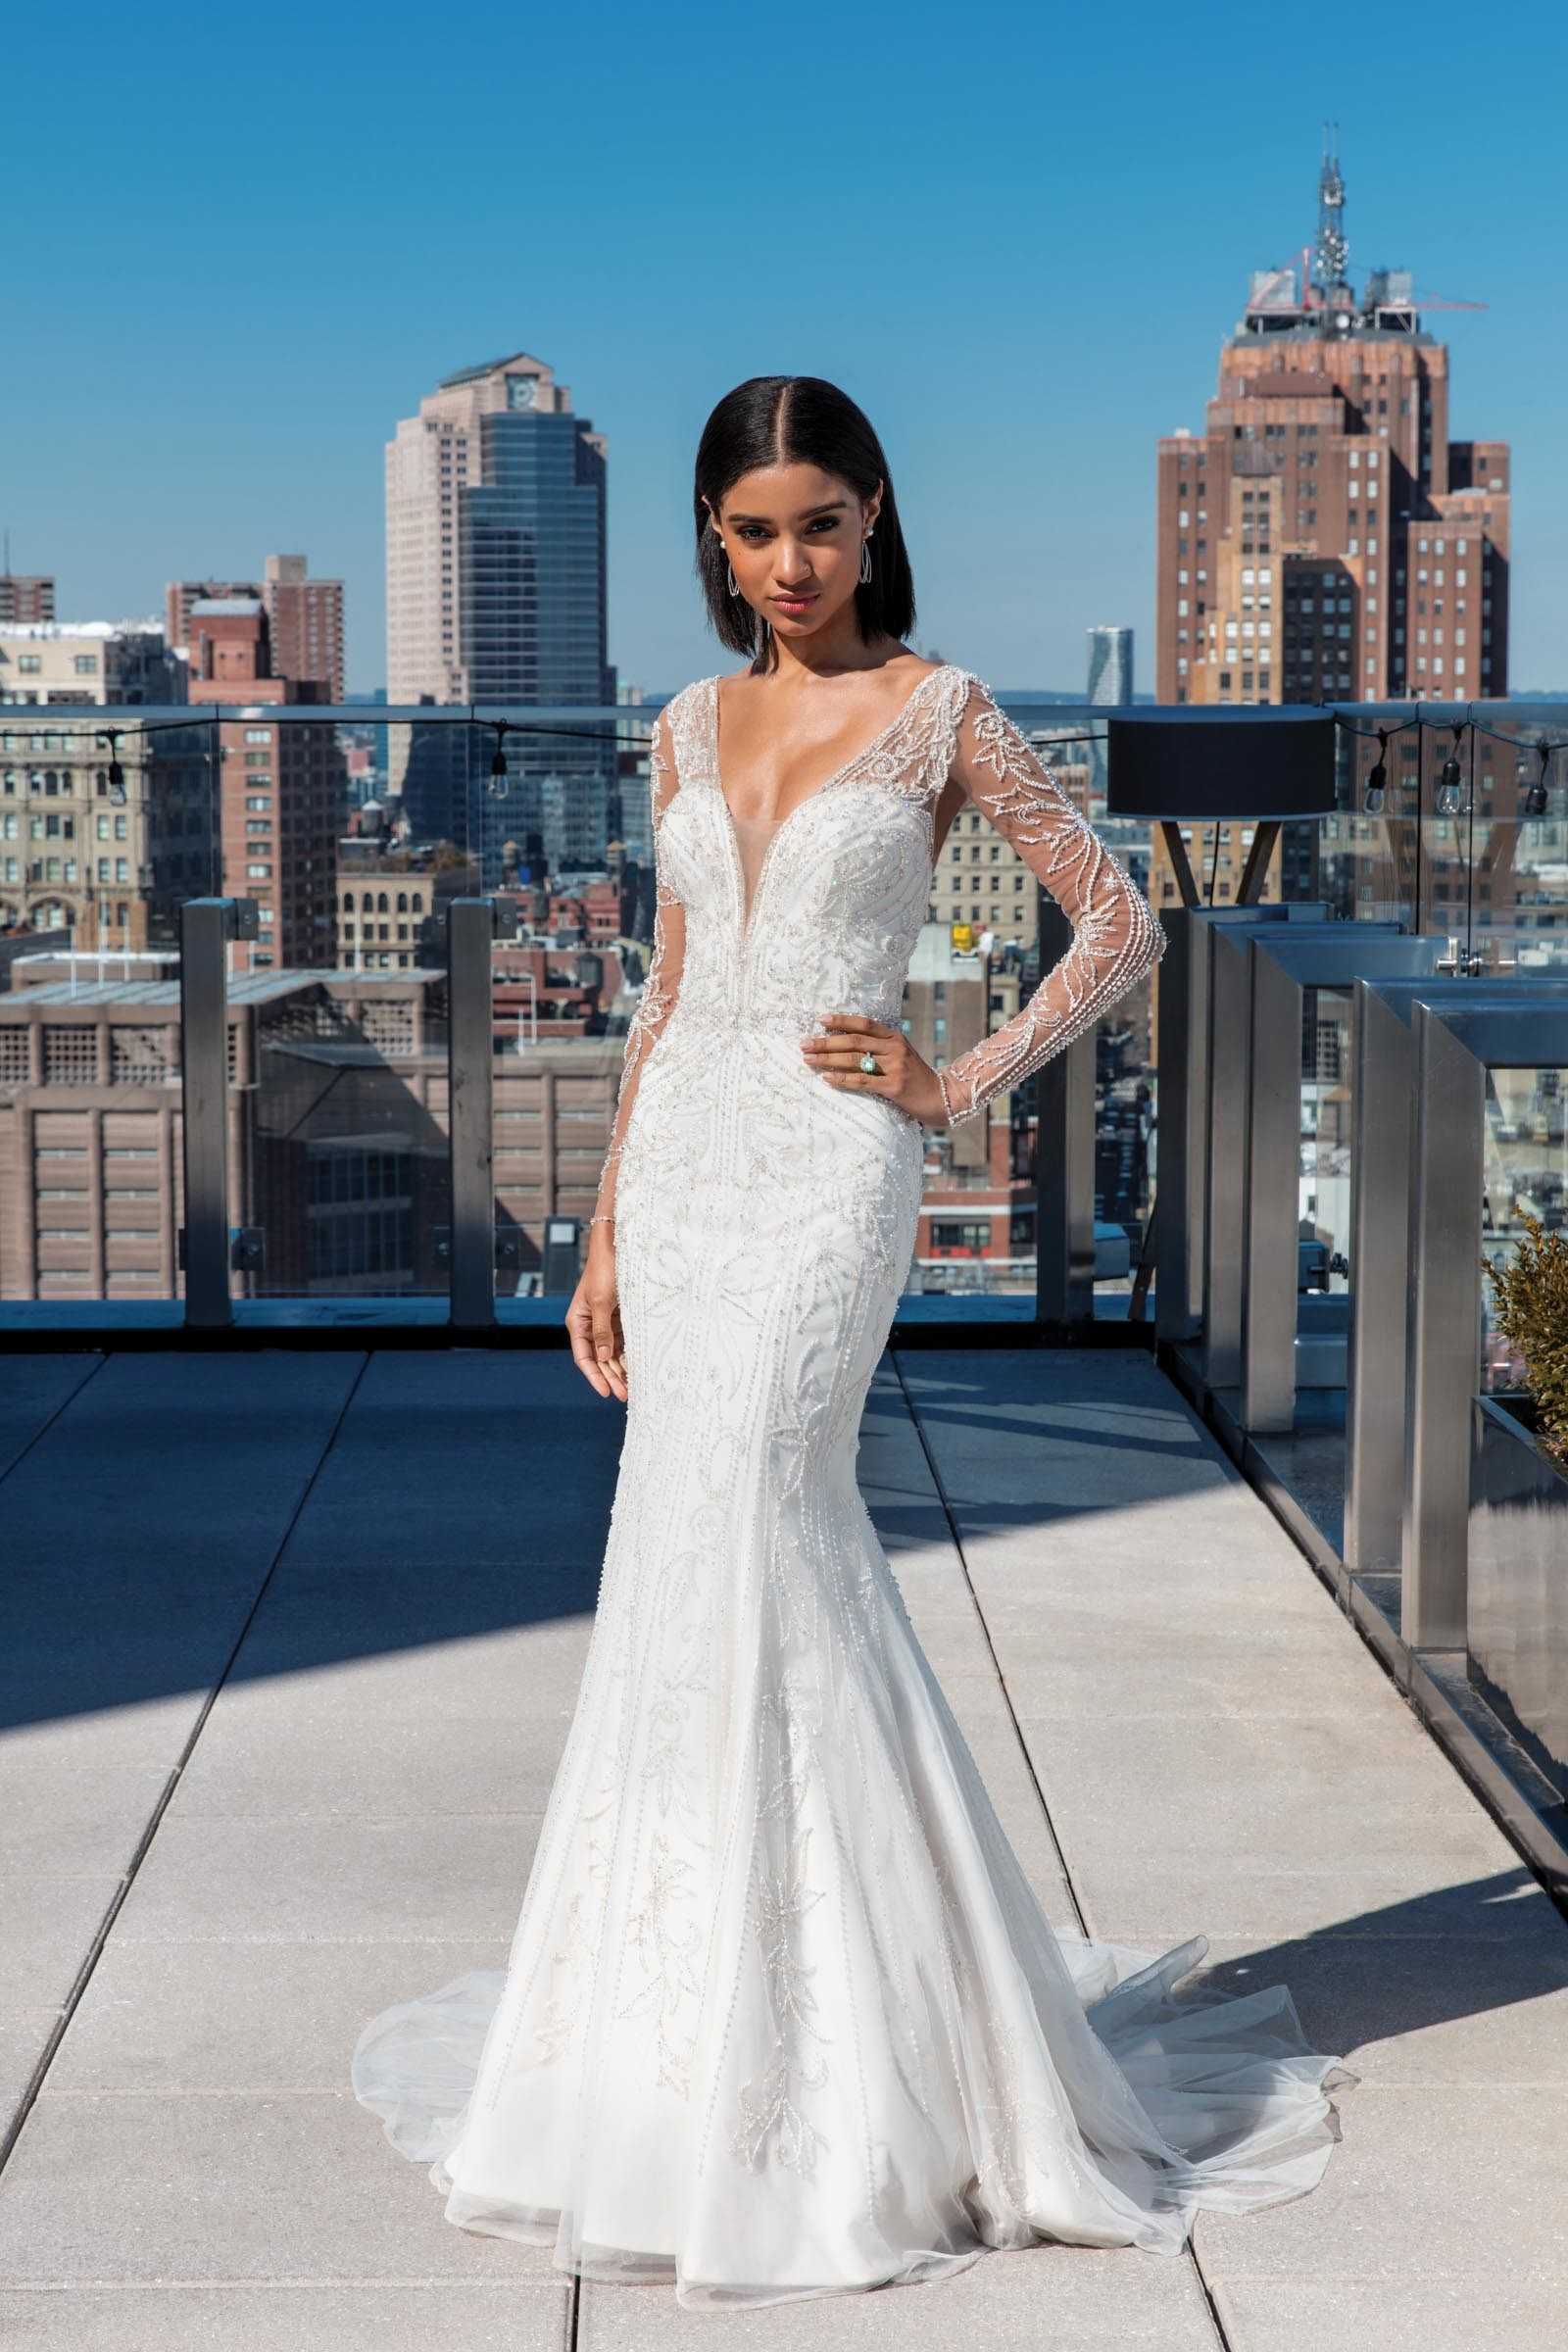 Weißes Brautkleid im Fit-and-Flare-Schnitt, bestickt, mit langen Ärmeln und sehr tiefem V-Ausschnitt, von Justin Alexander Signature, Modell 99030